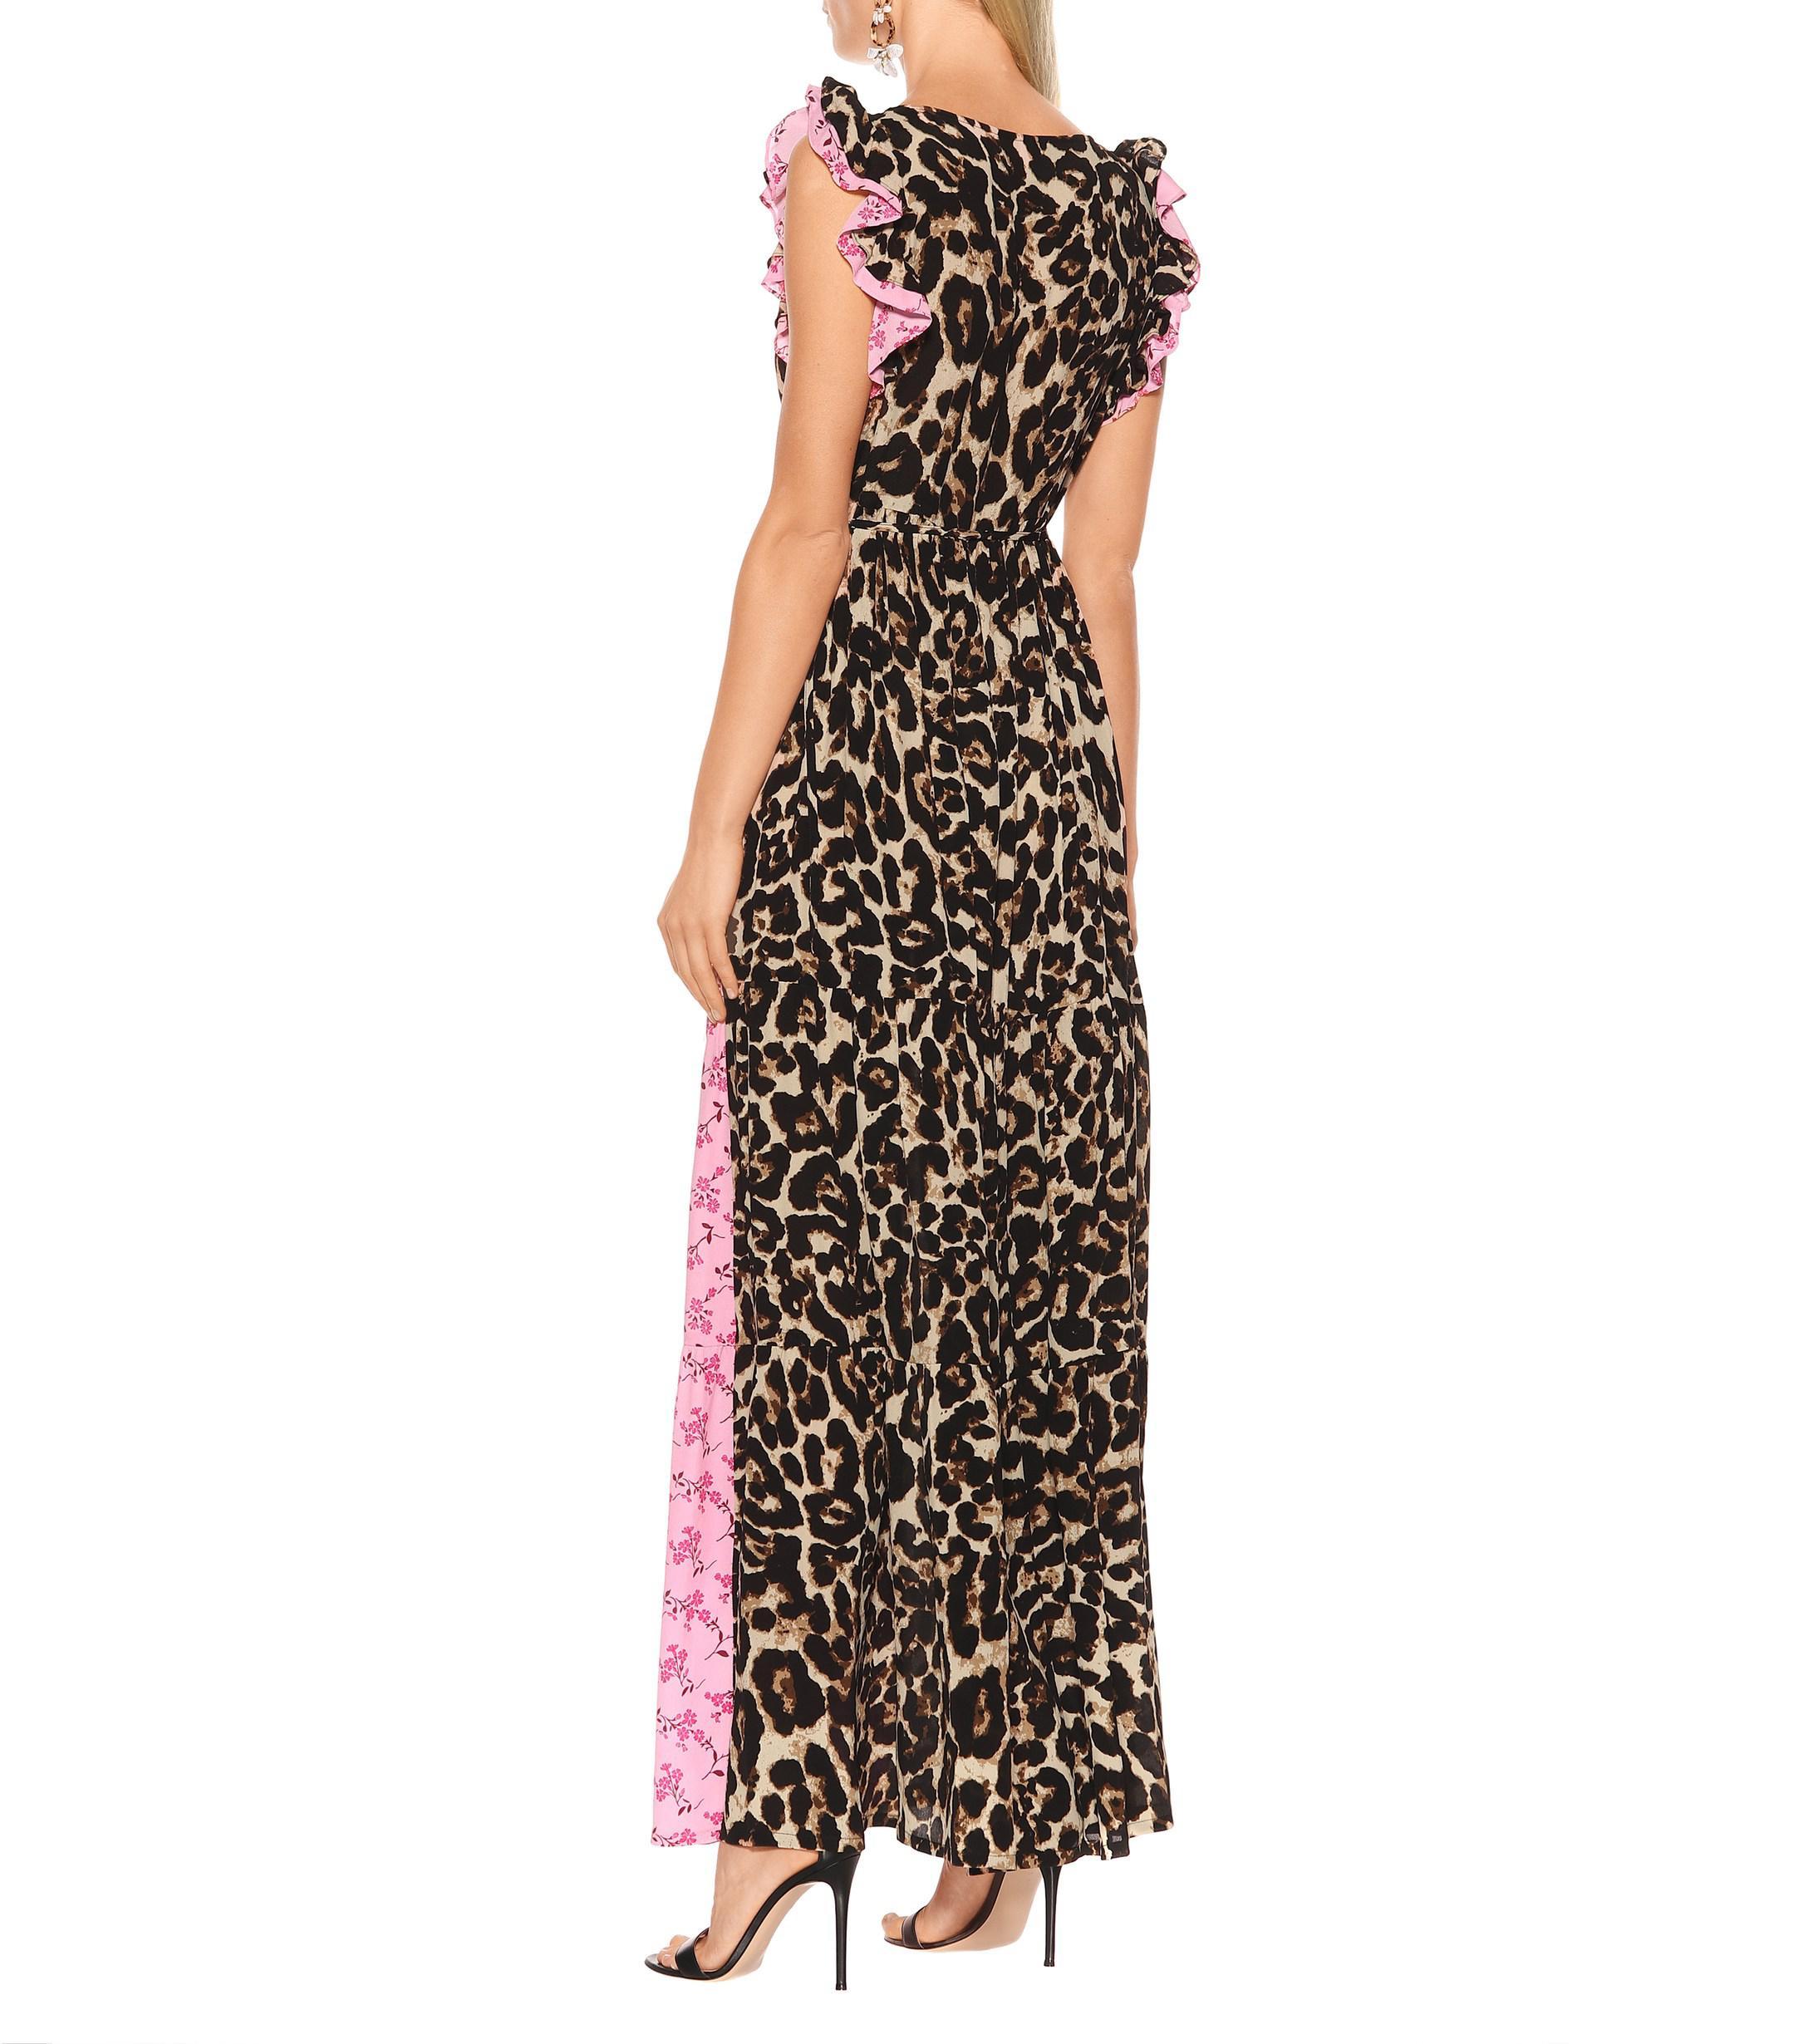 d8f03fc05 Exclusivo en Mytheresa - vestido largo Aiza estampado Baum und ...